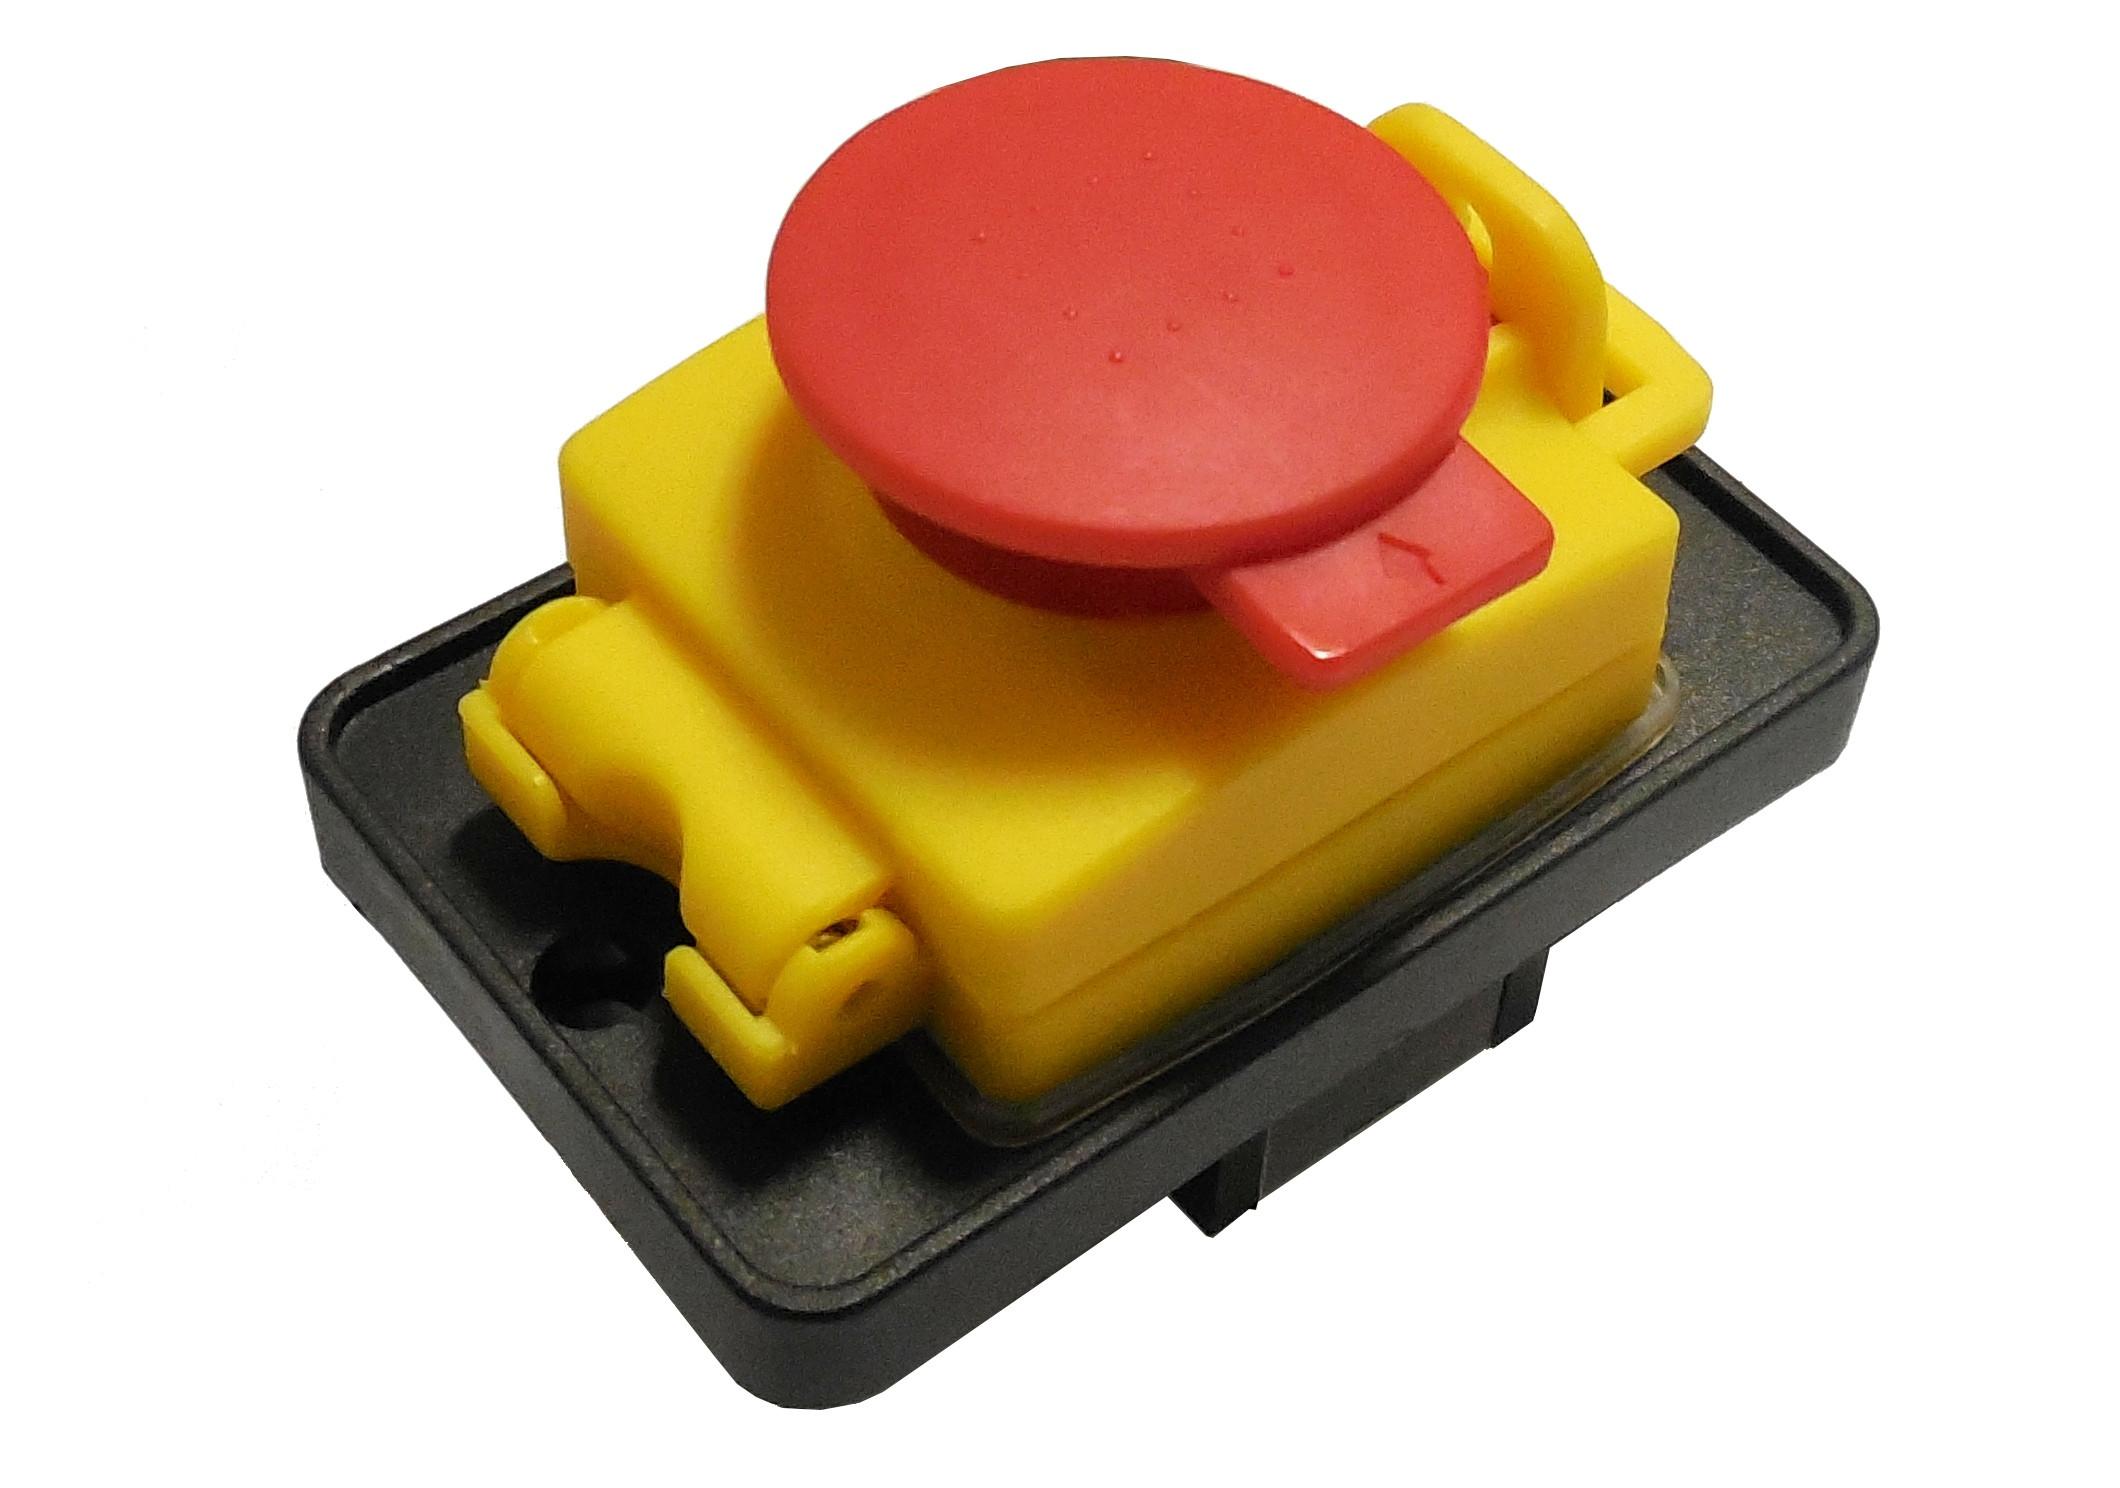 Interrupteur avec bouton arr t d 39 urgence - Bouton d arret d urgence ...